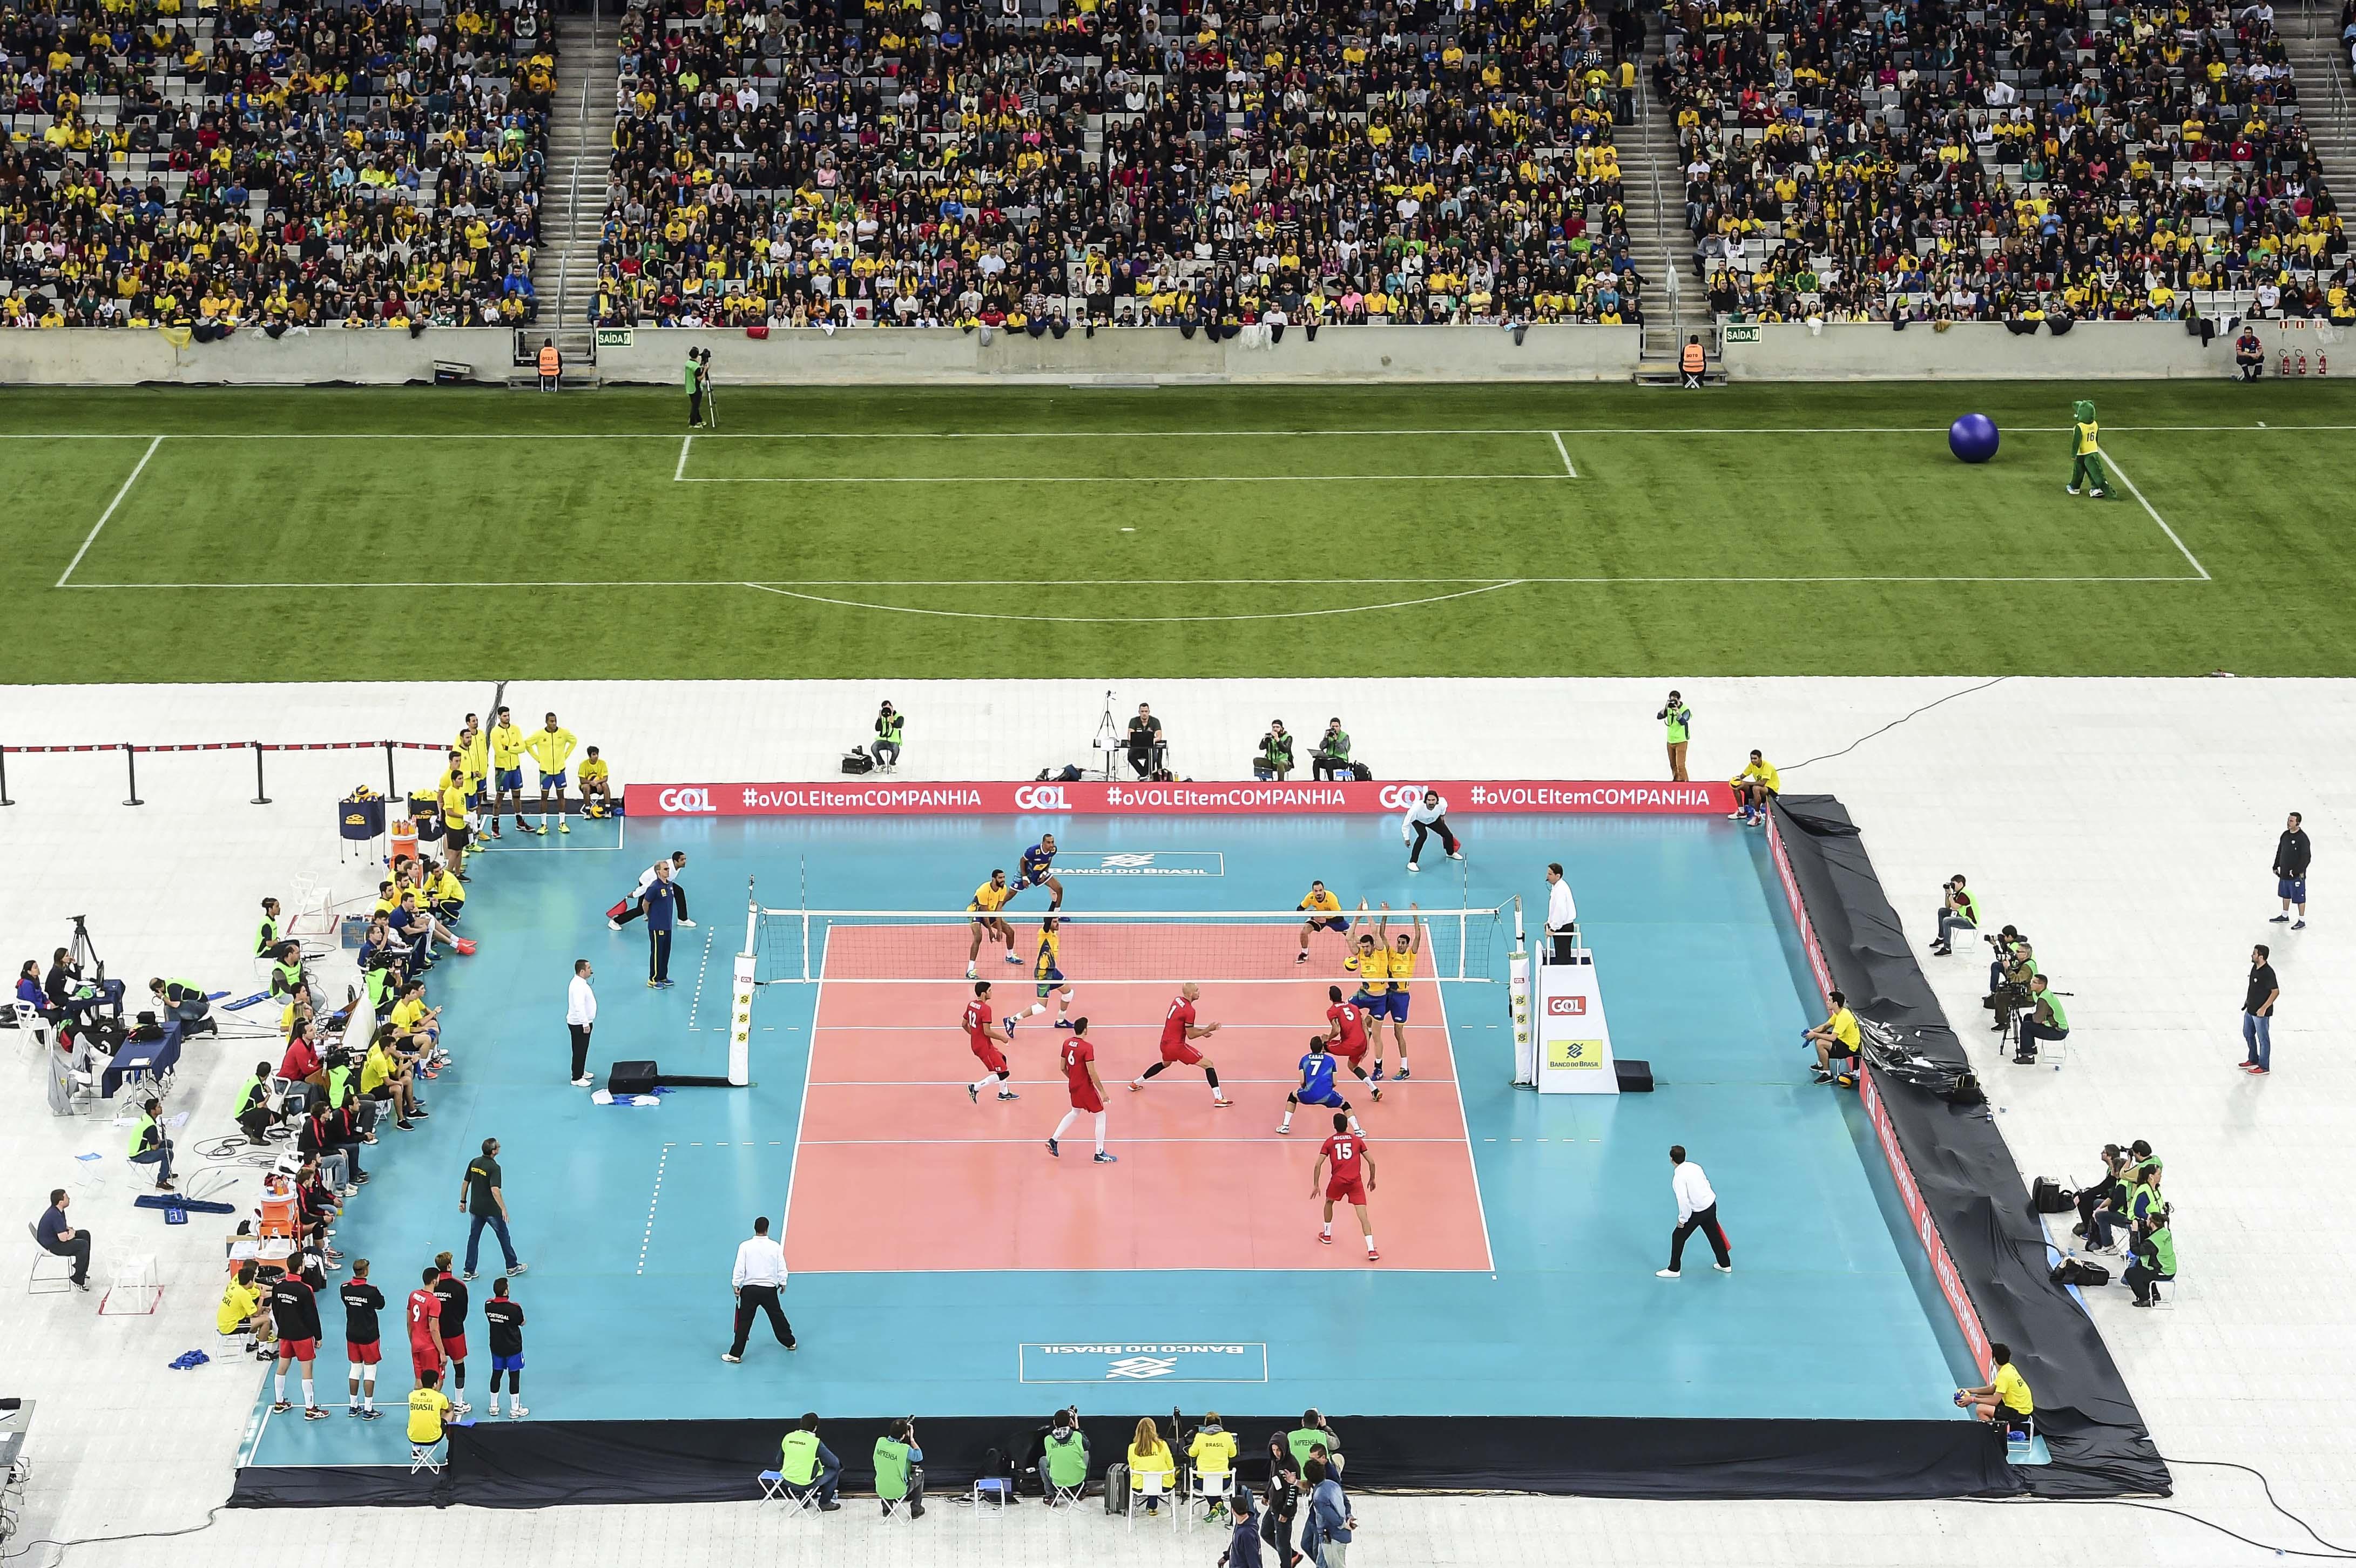 Diante de 33.730 pessoas, Brasil vence Portugal em jogo comemorativo